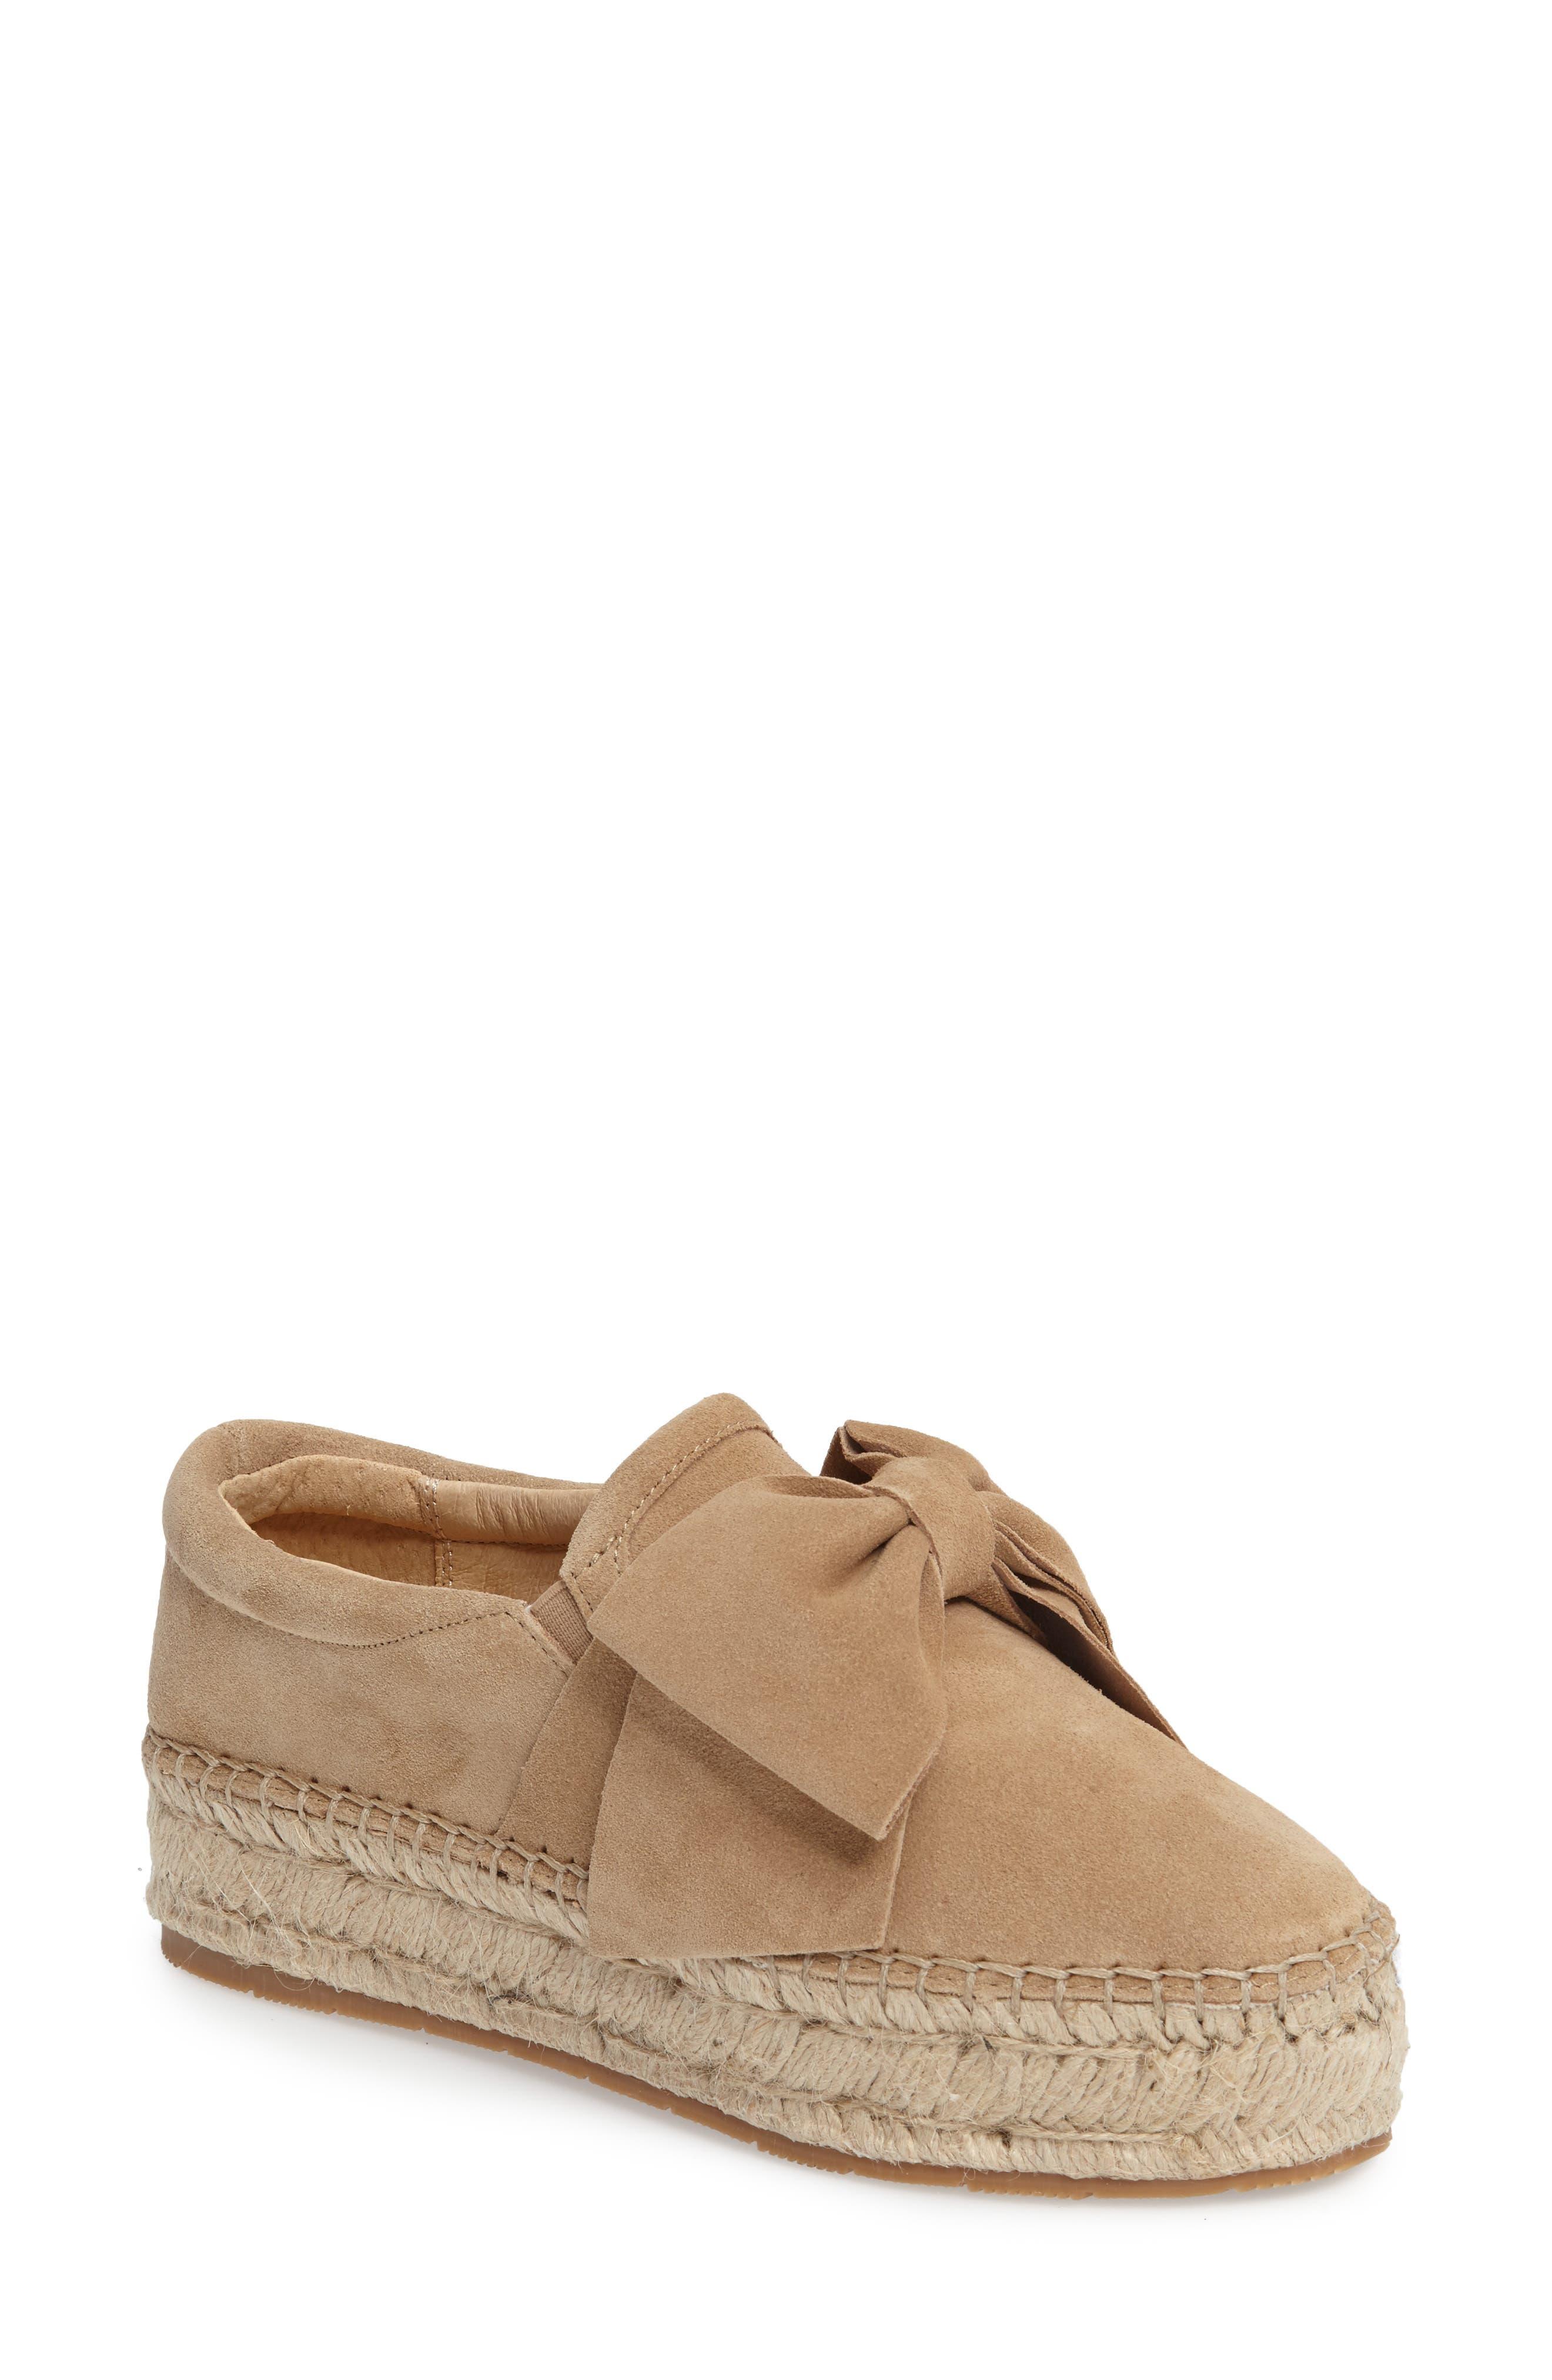 JSLIDES Rina Espadrille Platform Sneaker